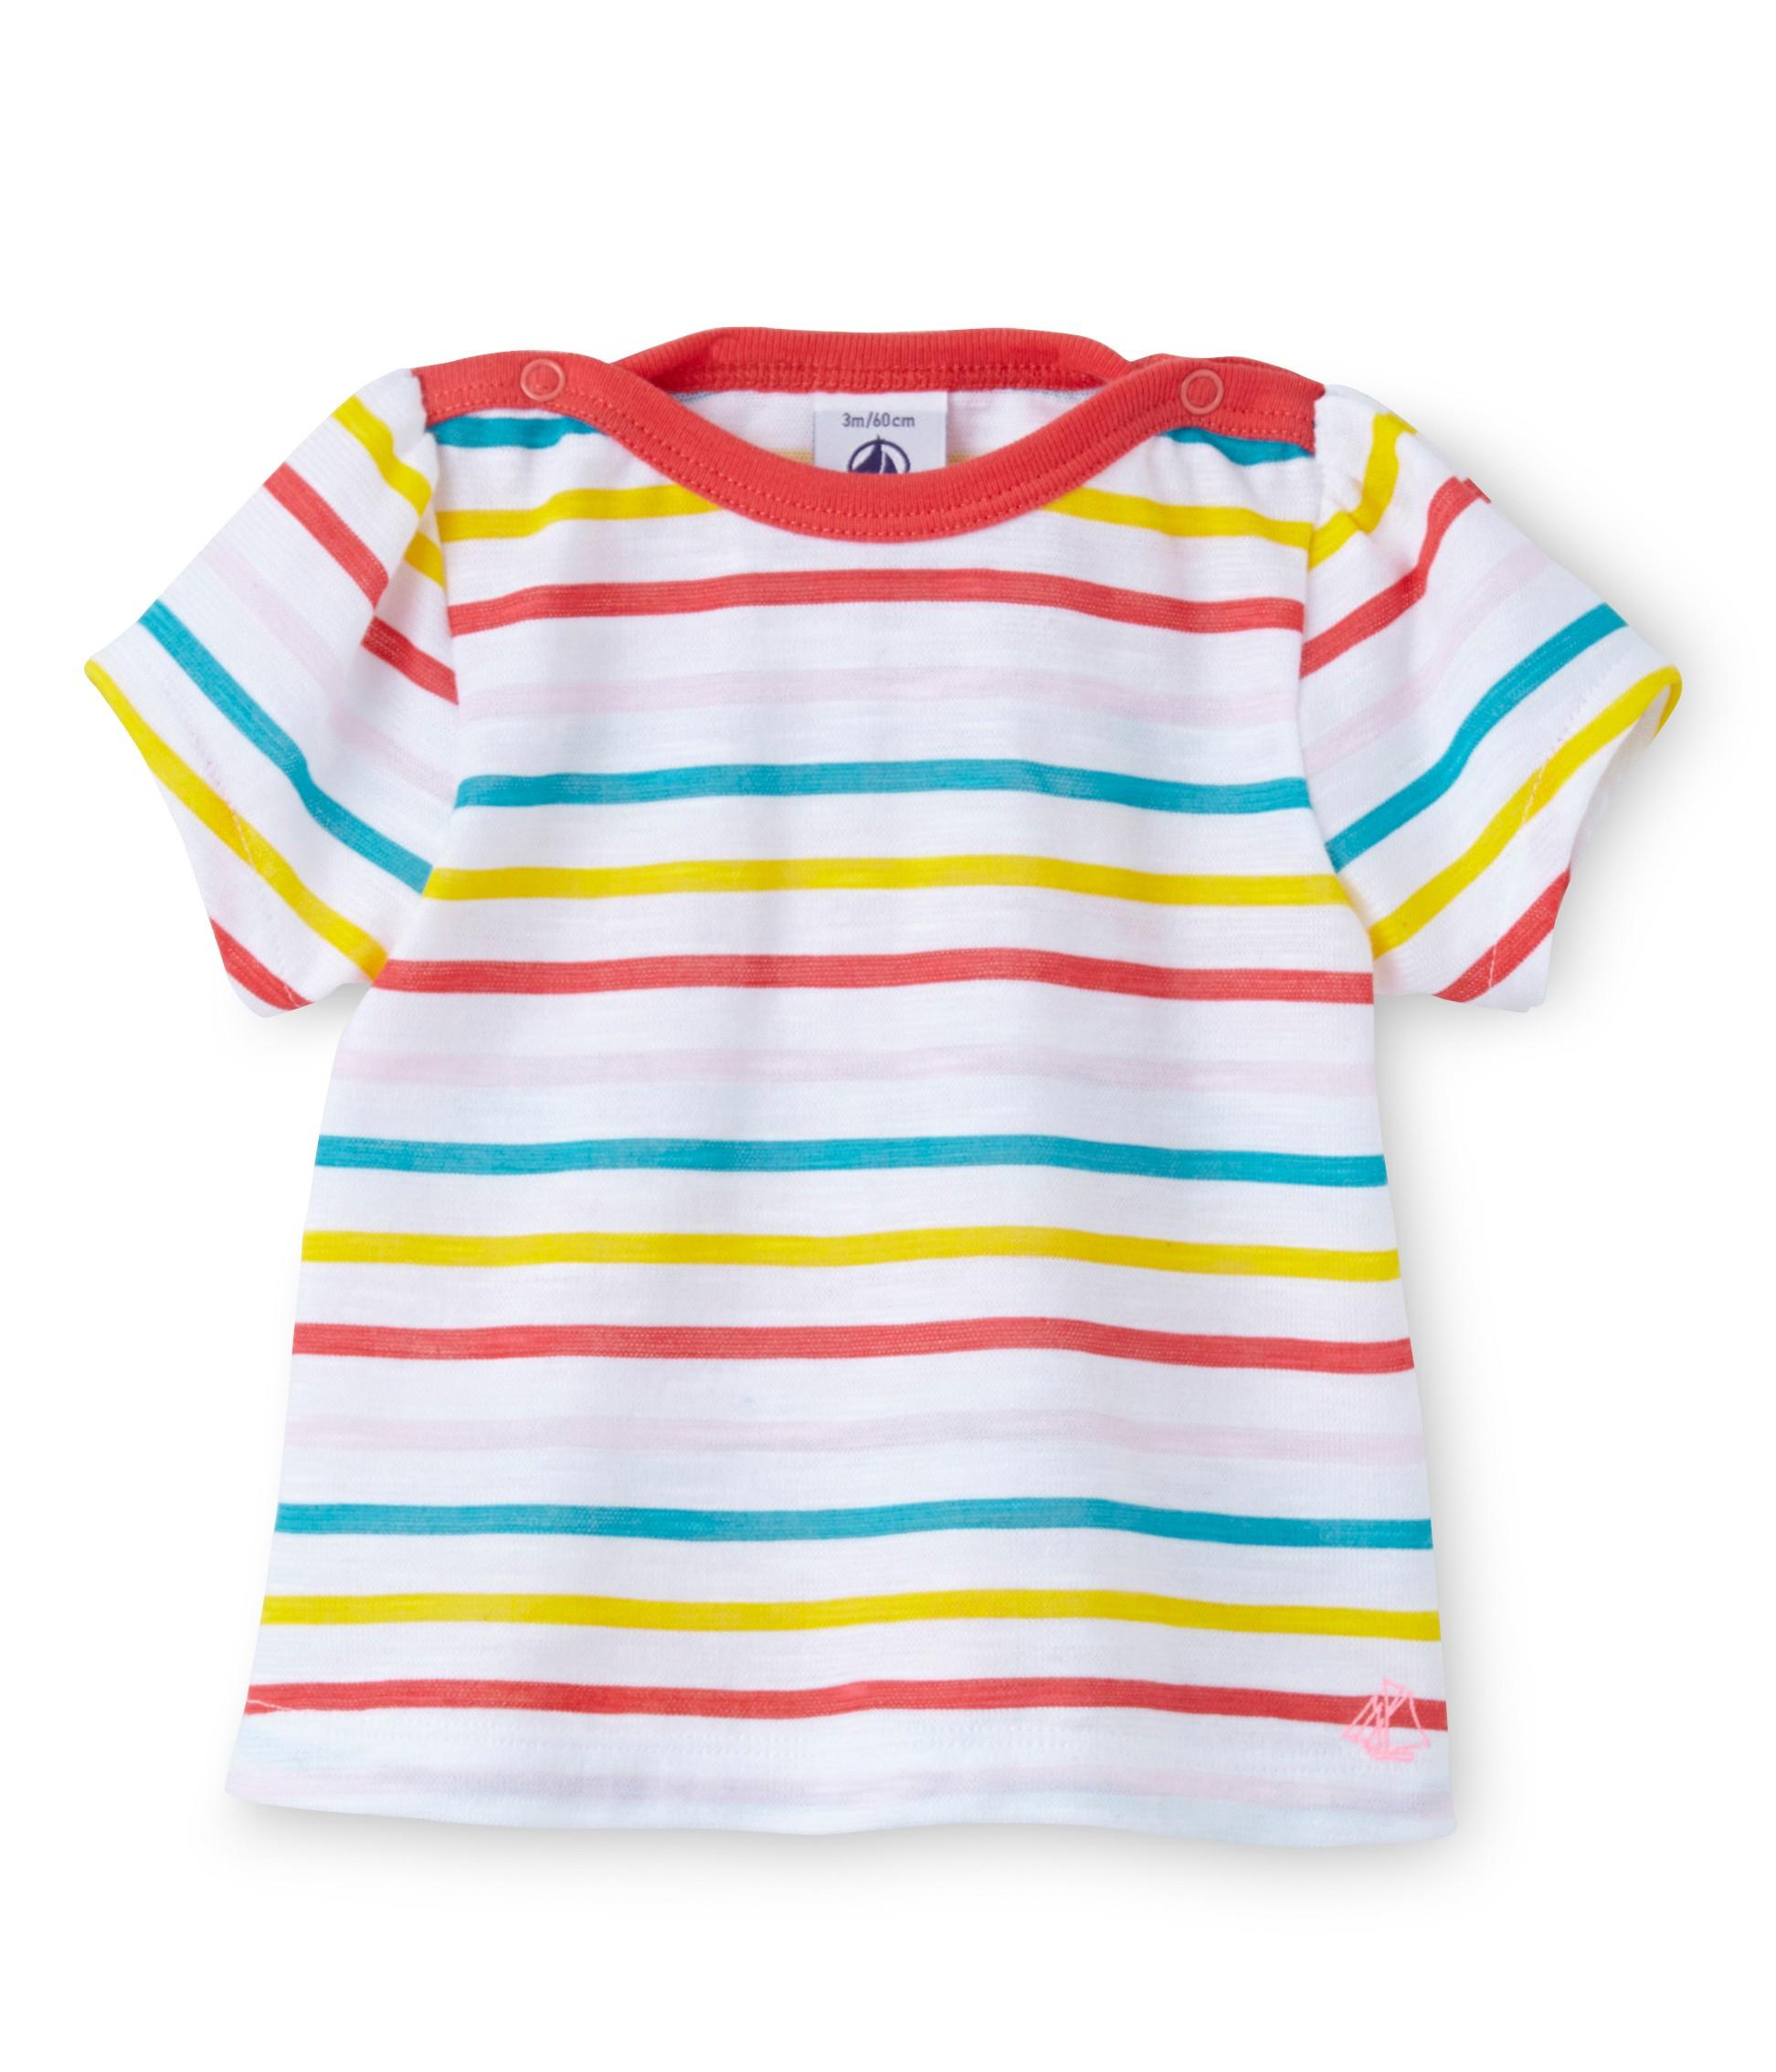 6fe1e6482979 Μπλούζα κοντομάνικη ριγέ για μωρό κορίτσι - petit-bateau.gr